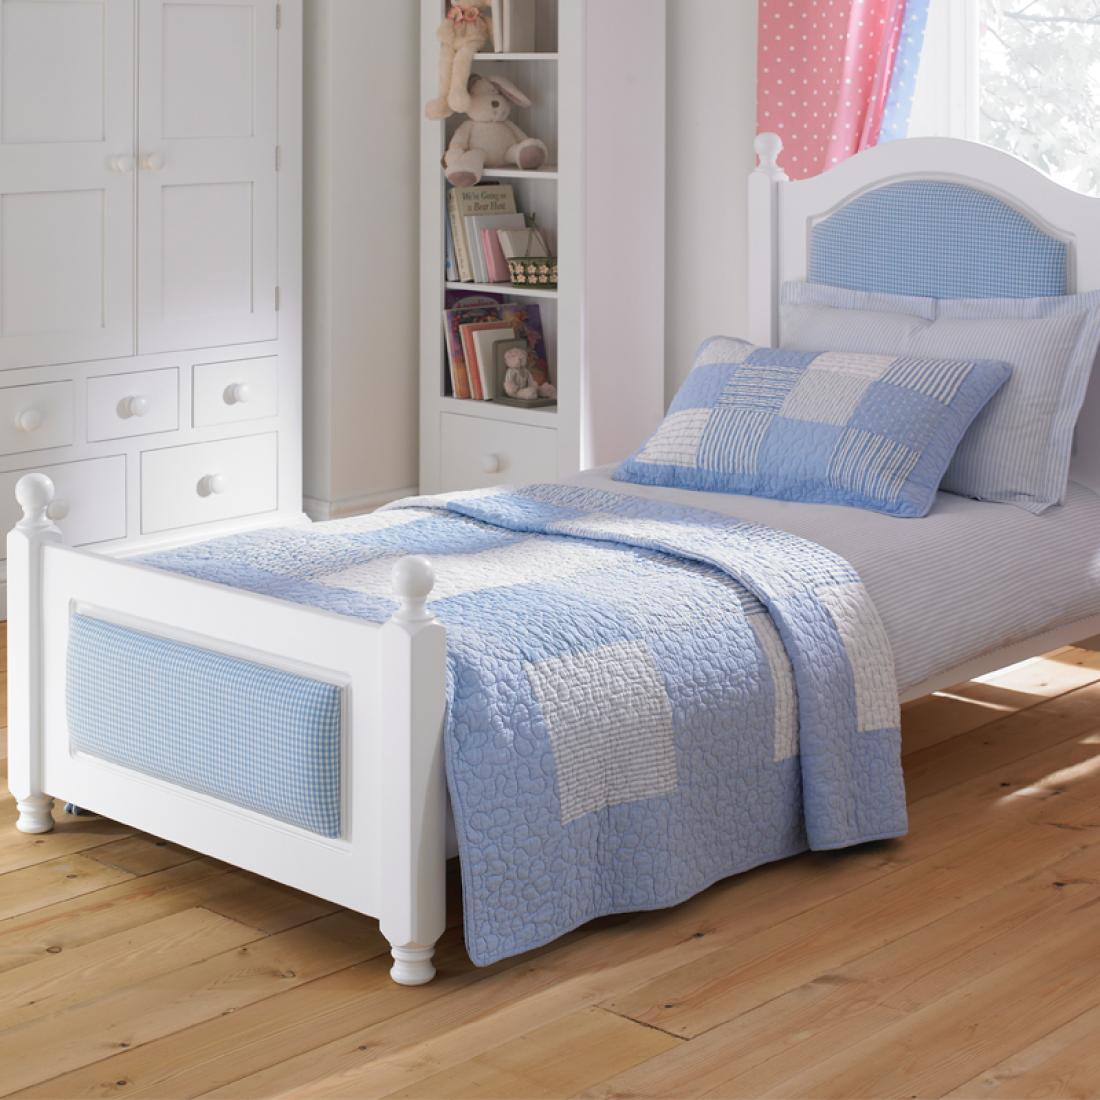 Sammy Boys Bed Childrens Bedroom Furniture Uk